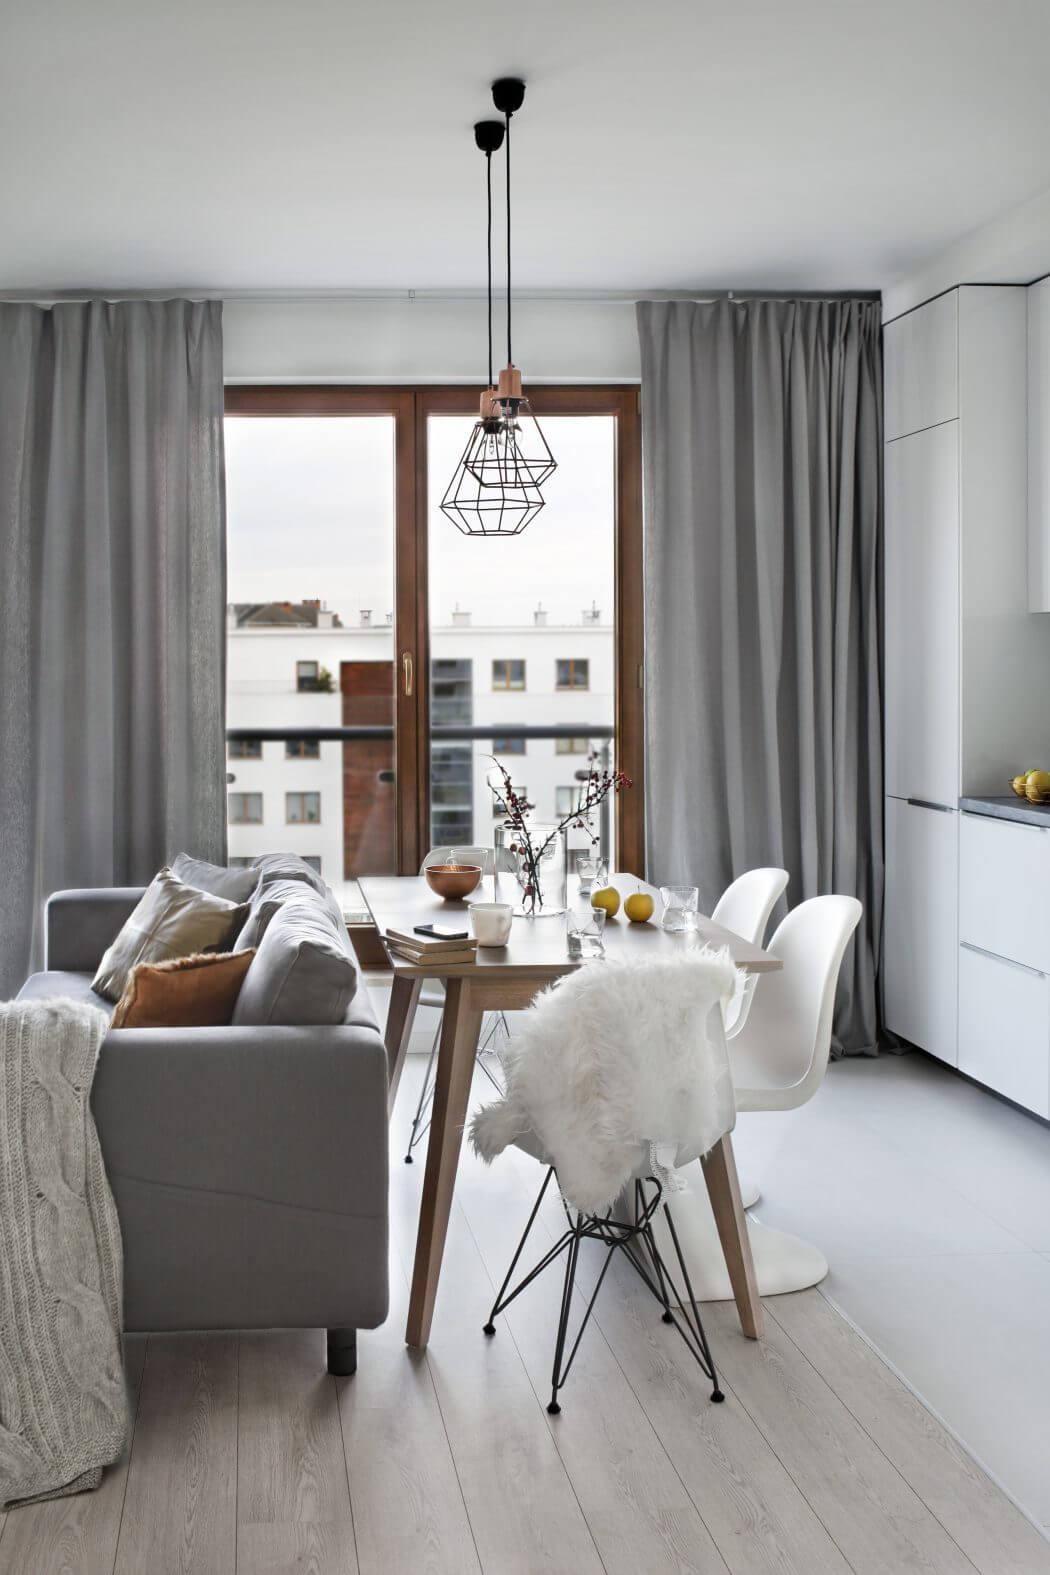 Scandinavian apartment by Agnieszka Kara